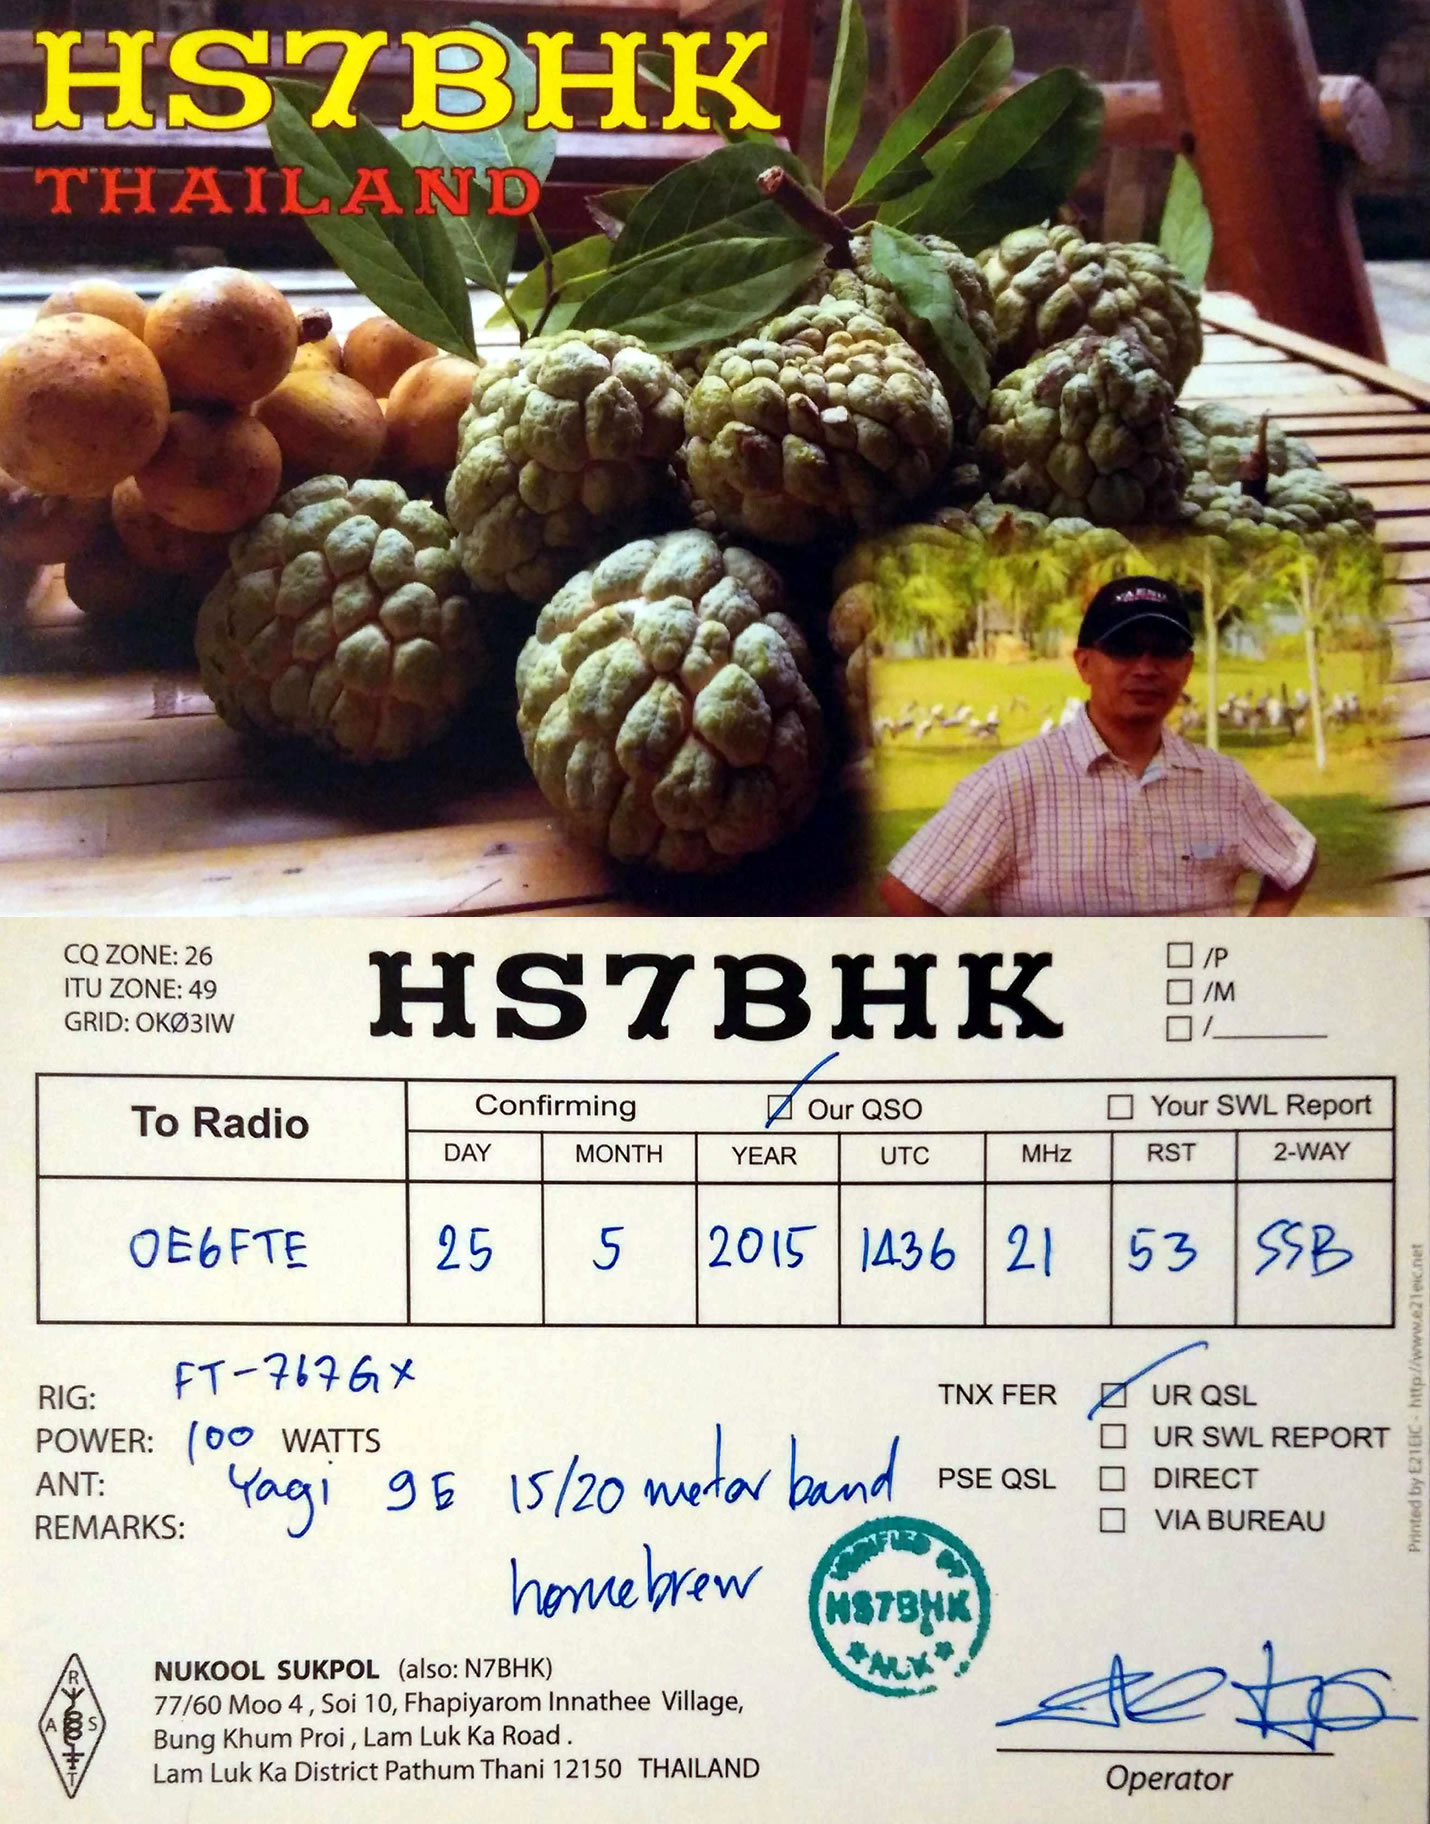 HS7BHK